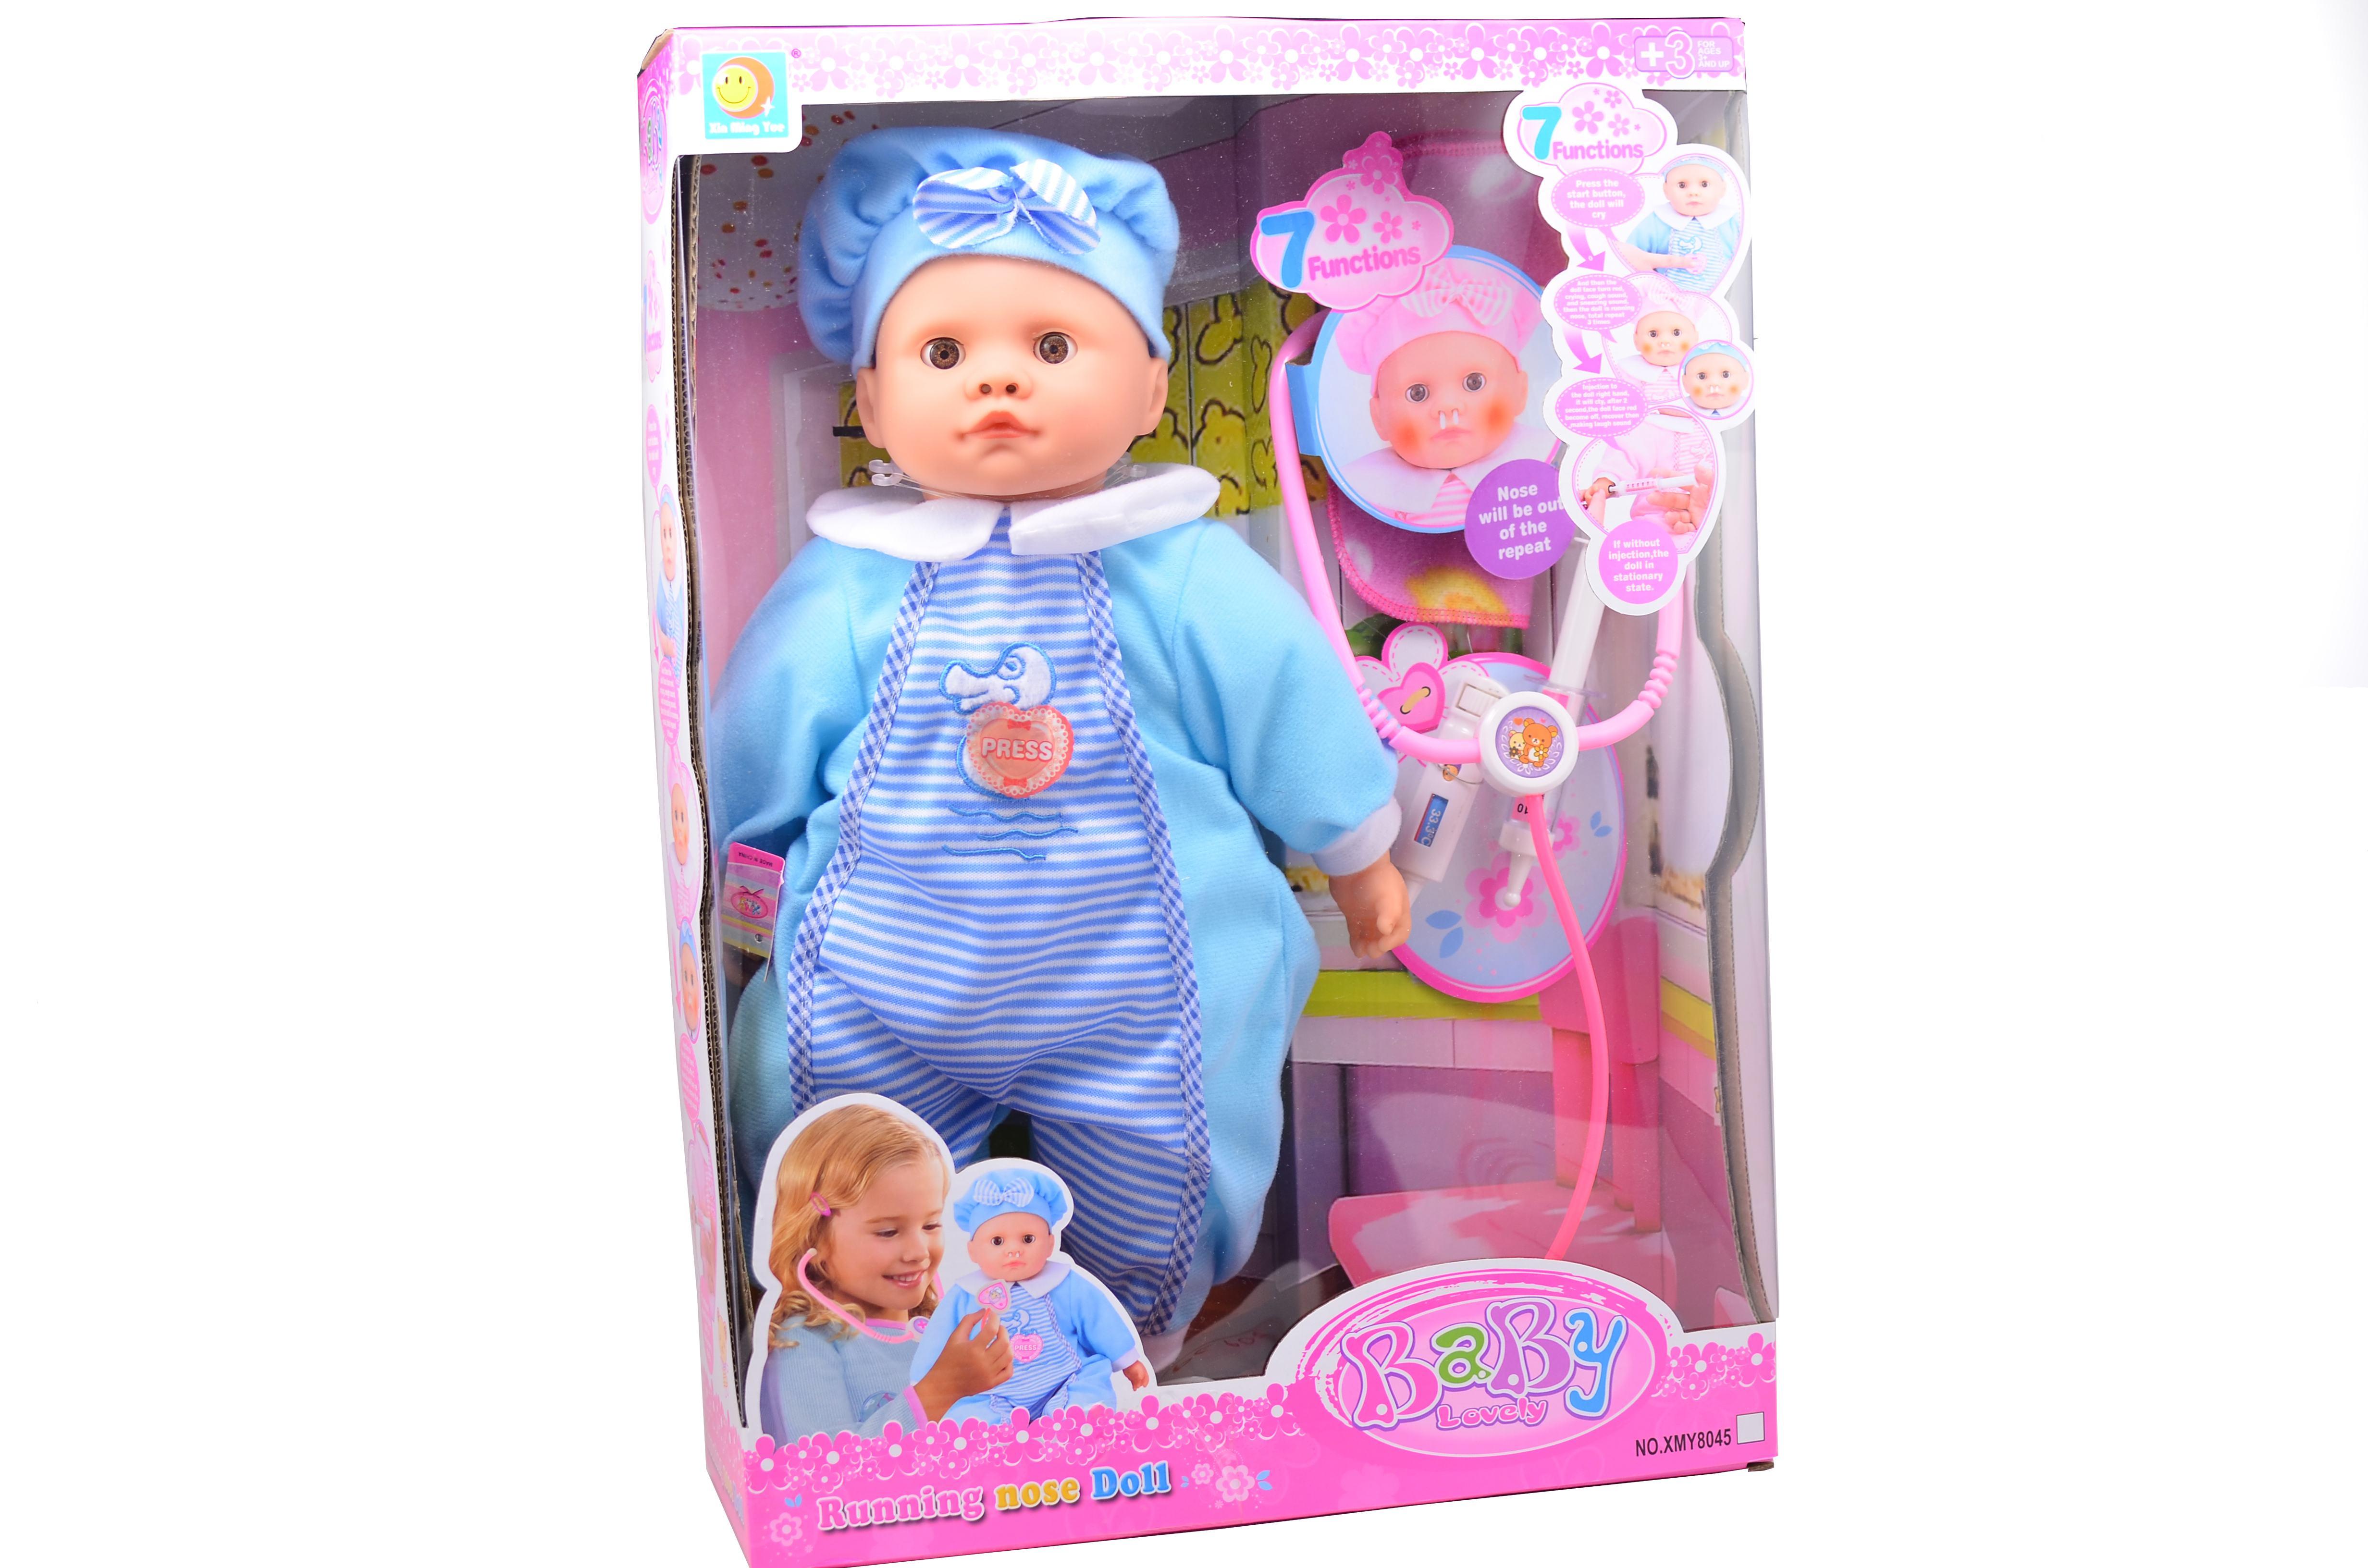 Bebelus de jucarie La Doctor set cu bebelus si accesorii pentru copii - XMY8045